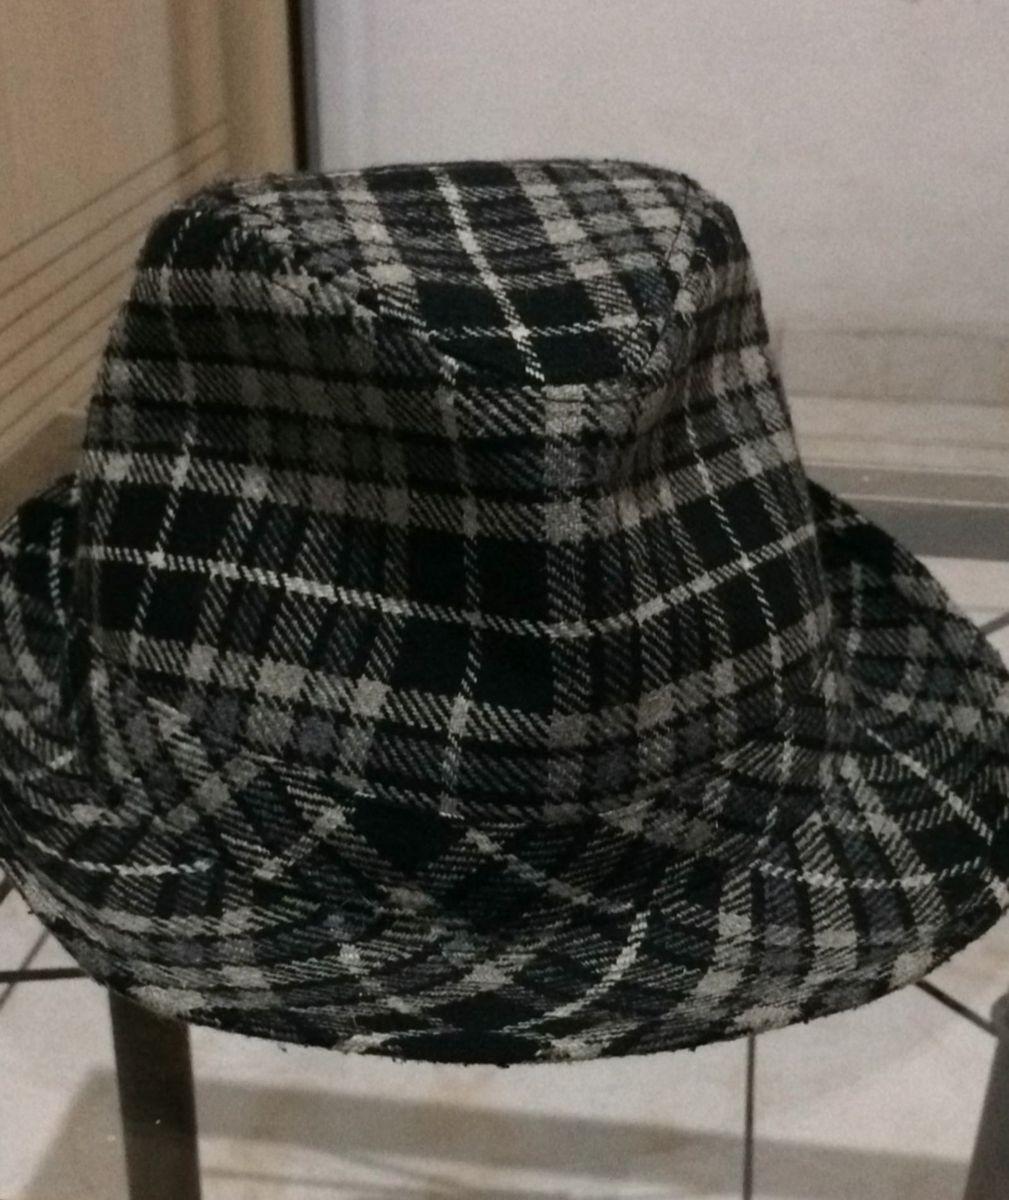 chapéu importado xadrez - chapeu c a.  Czm6ly9wag90b3muzw5qb2vplmnvbs5ici9wcm9kdwn0cy81mtiyntmzlzczzwfhzgiymgjkymjmmtvjzgi3y2ezy2e0odewyja2lmpwzw  ... 7f38d186a91